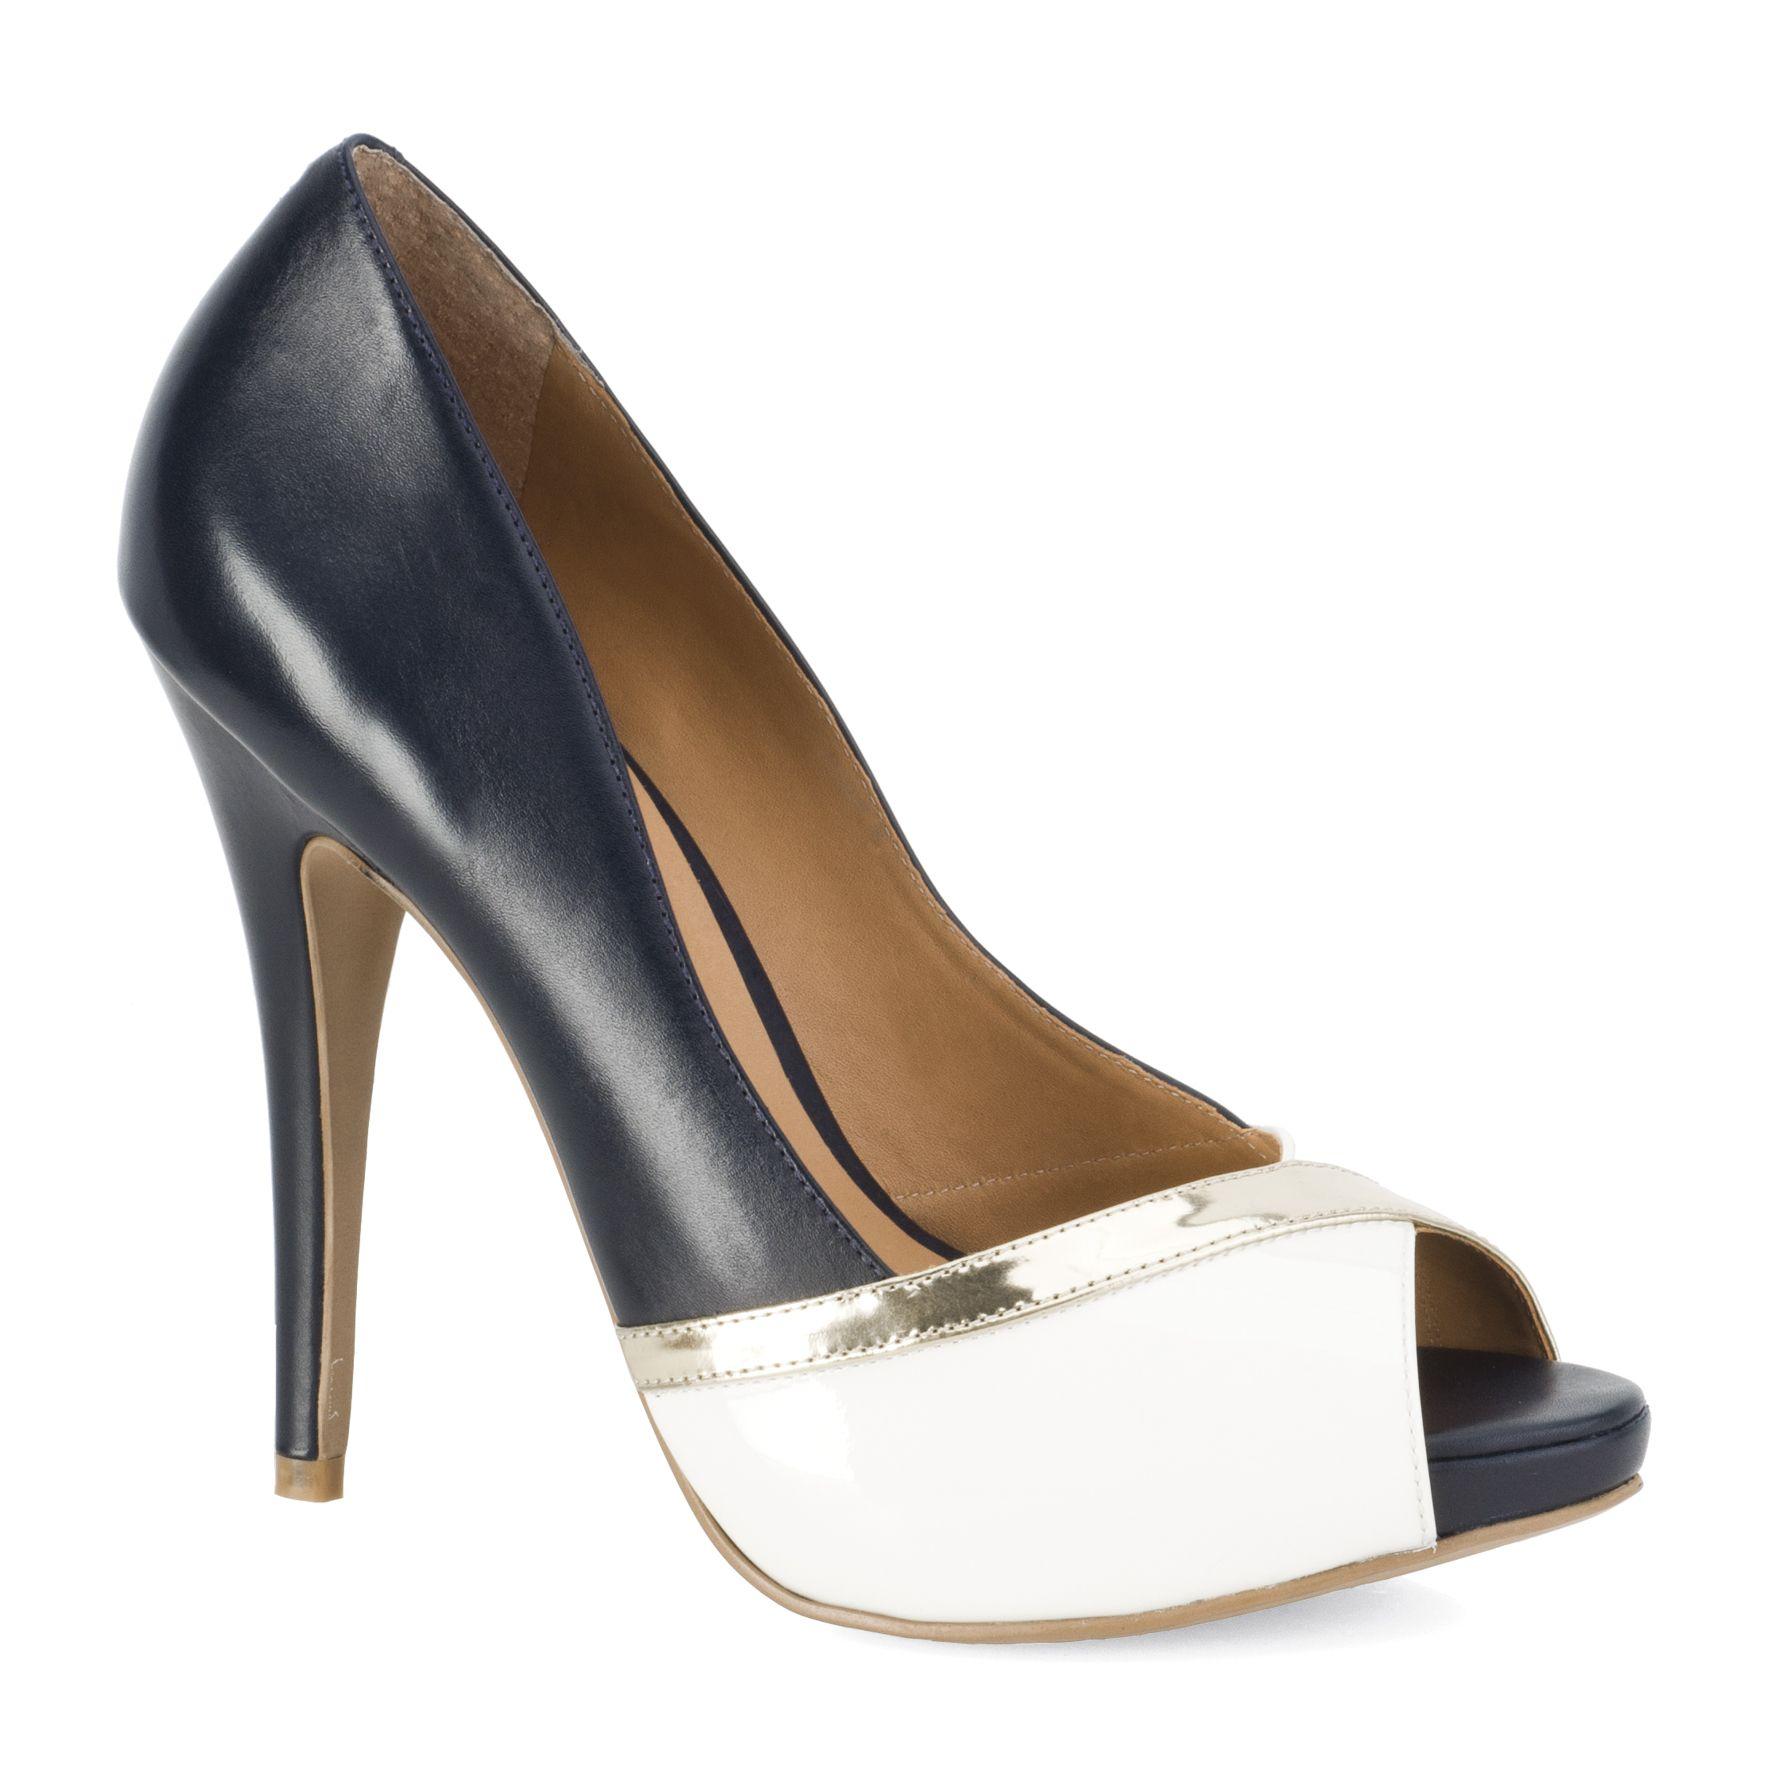 775501be5de15f www.kazar.com #shoes, #buty, #boots, #peeptoe, #szpilki, #heels, #kazar